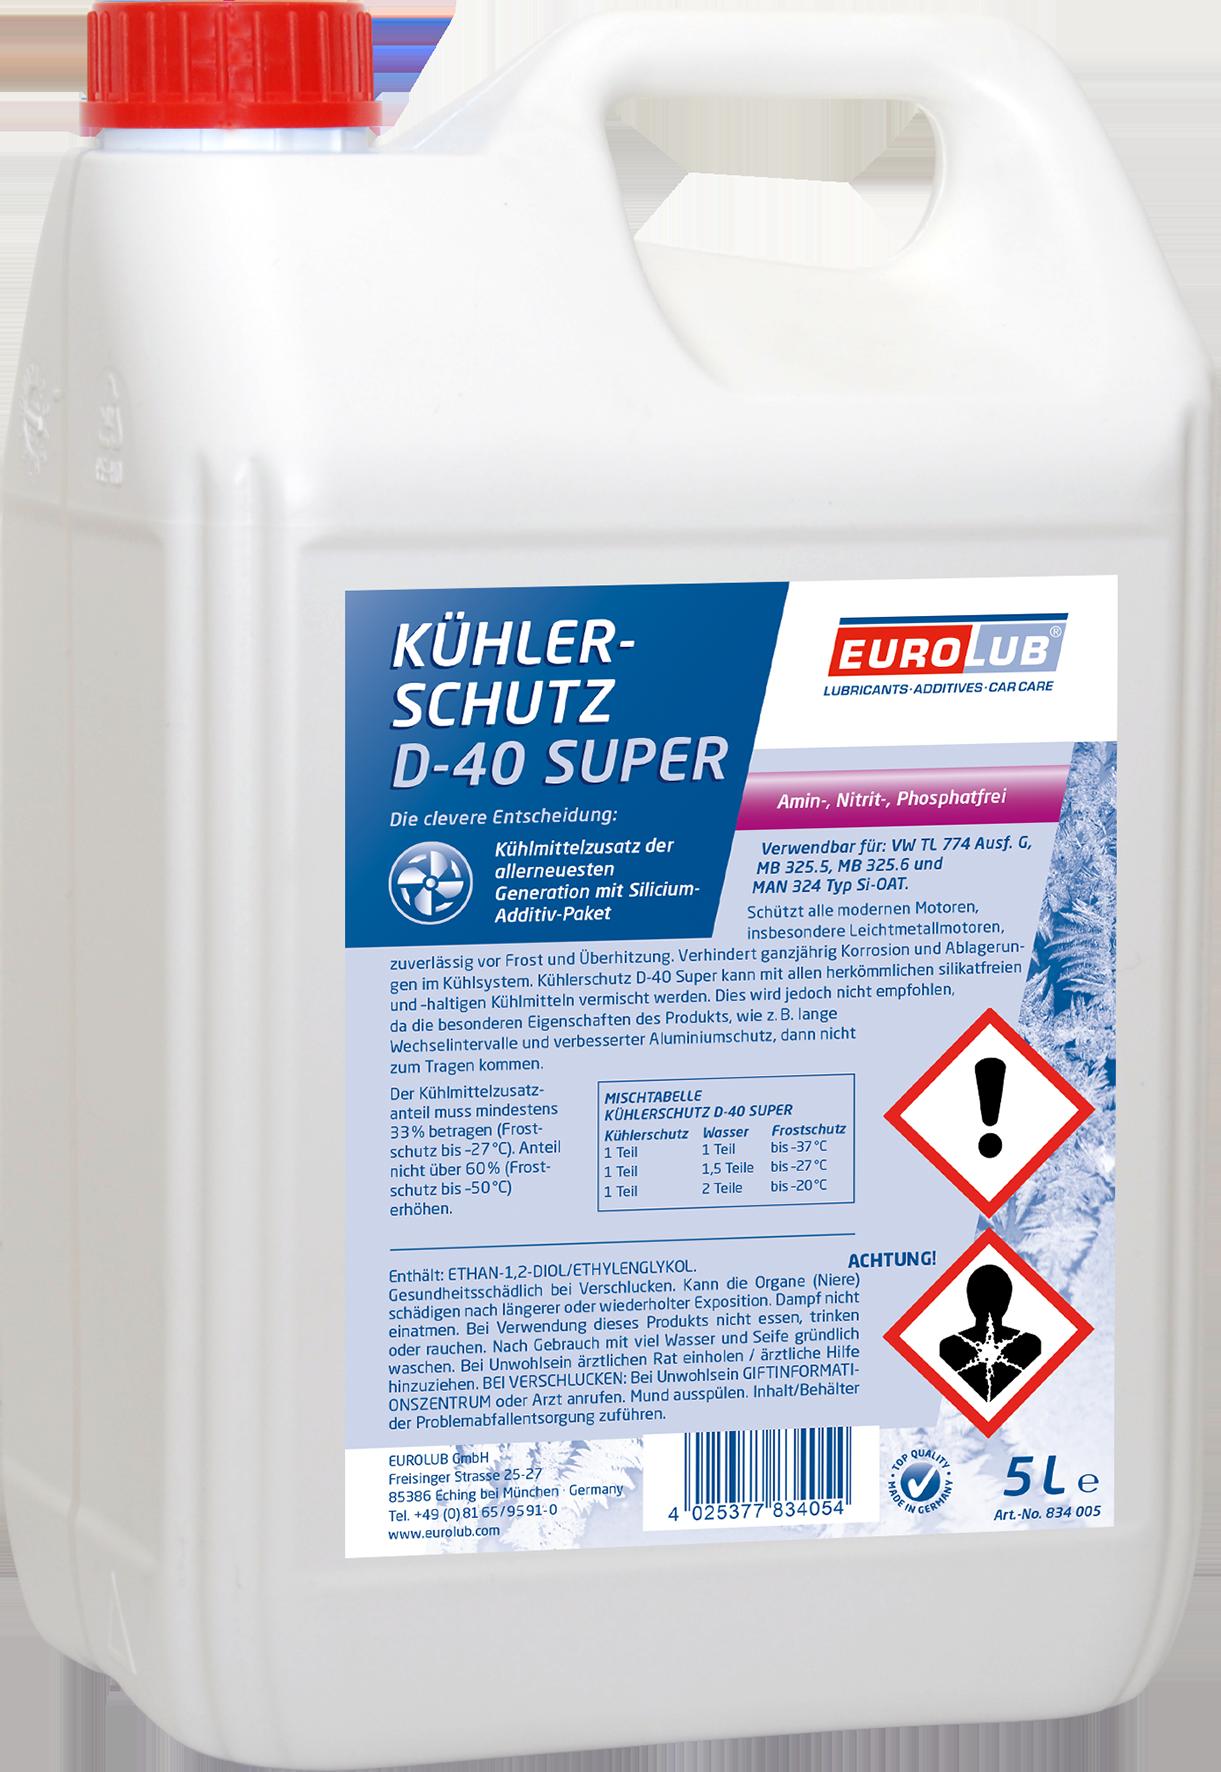 EUROLUB Kuhlerschutz  D-40 Super, 5л